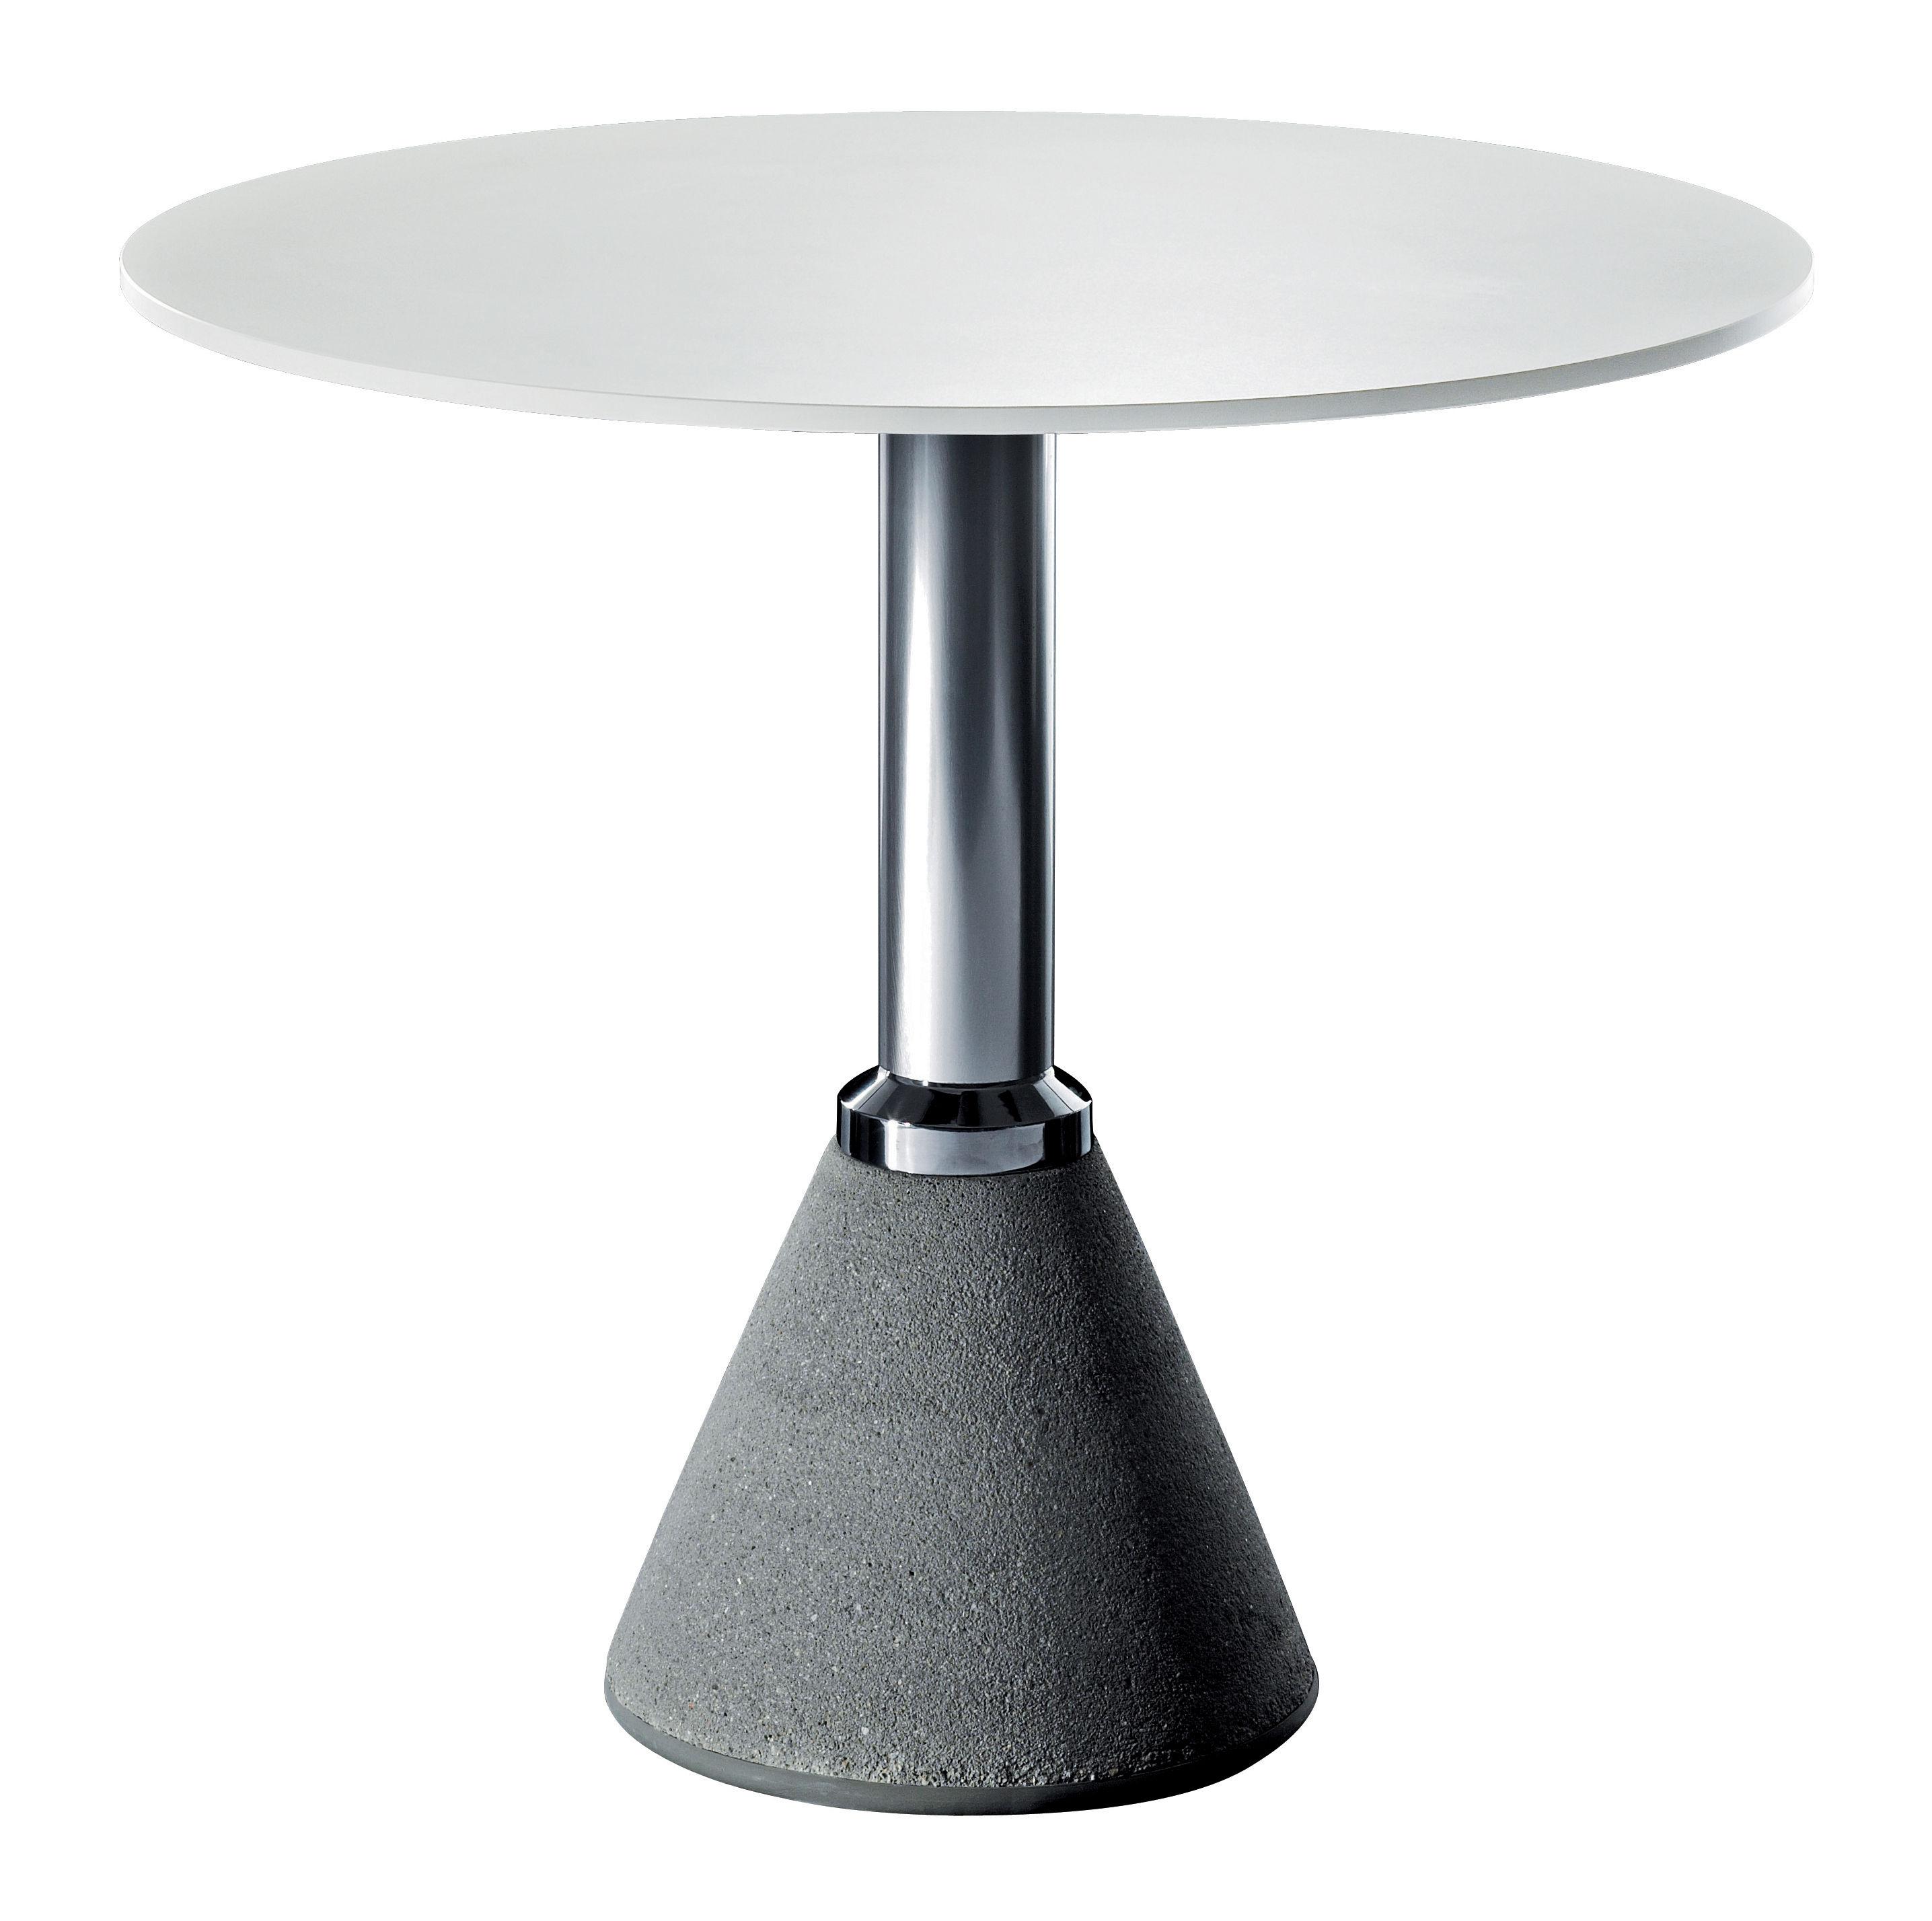 Outdoor - Tavoli  - Tavolo rotondo One Bistrot - Ø 79 cm di Magis - Bianco Ø 79 cm - Alluminio, Calcestruzzo, HPL